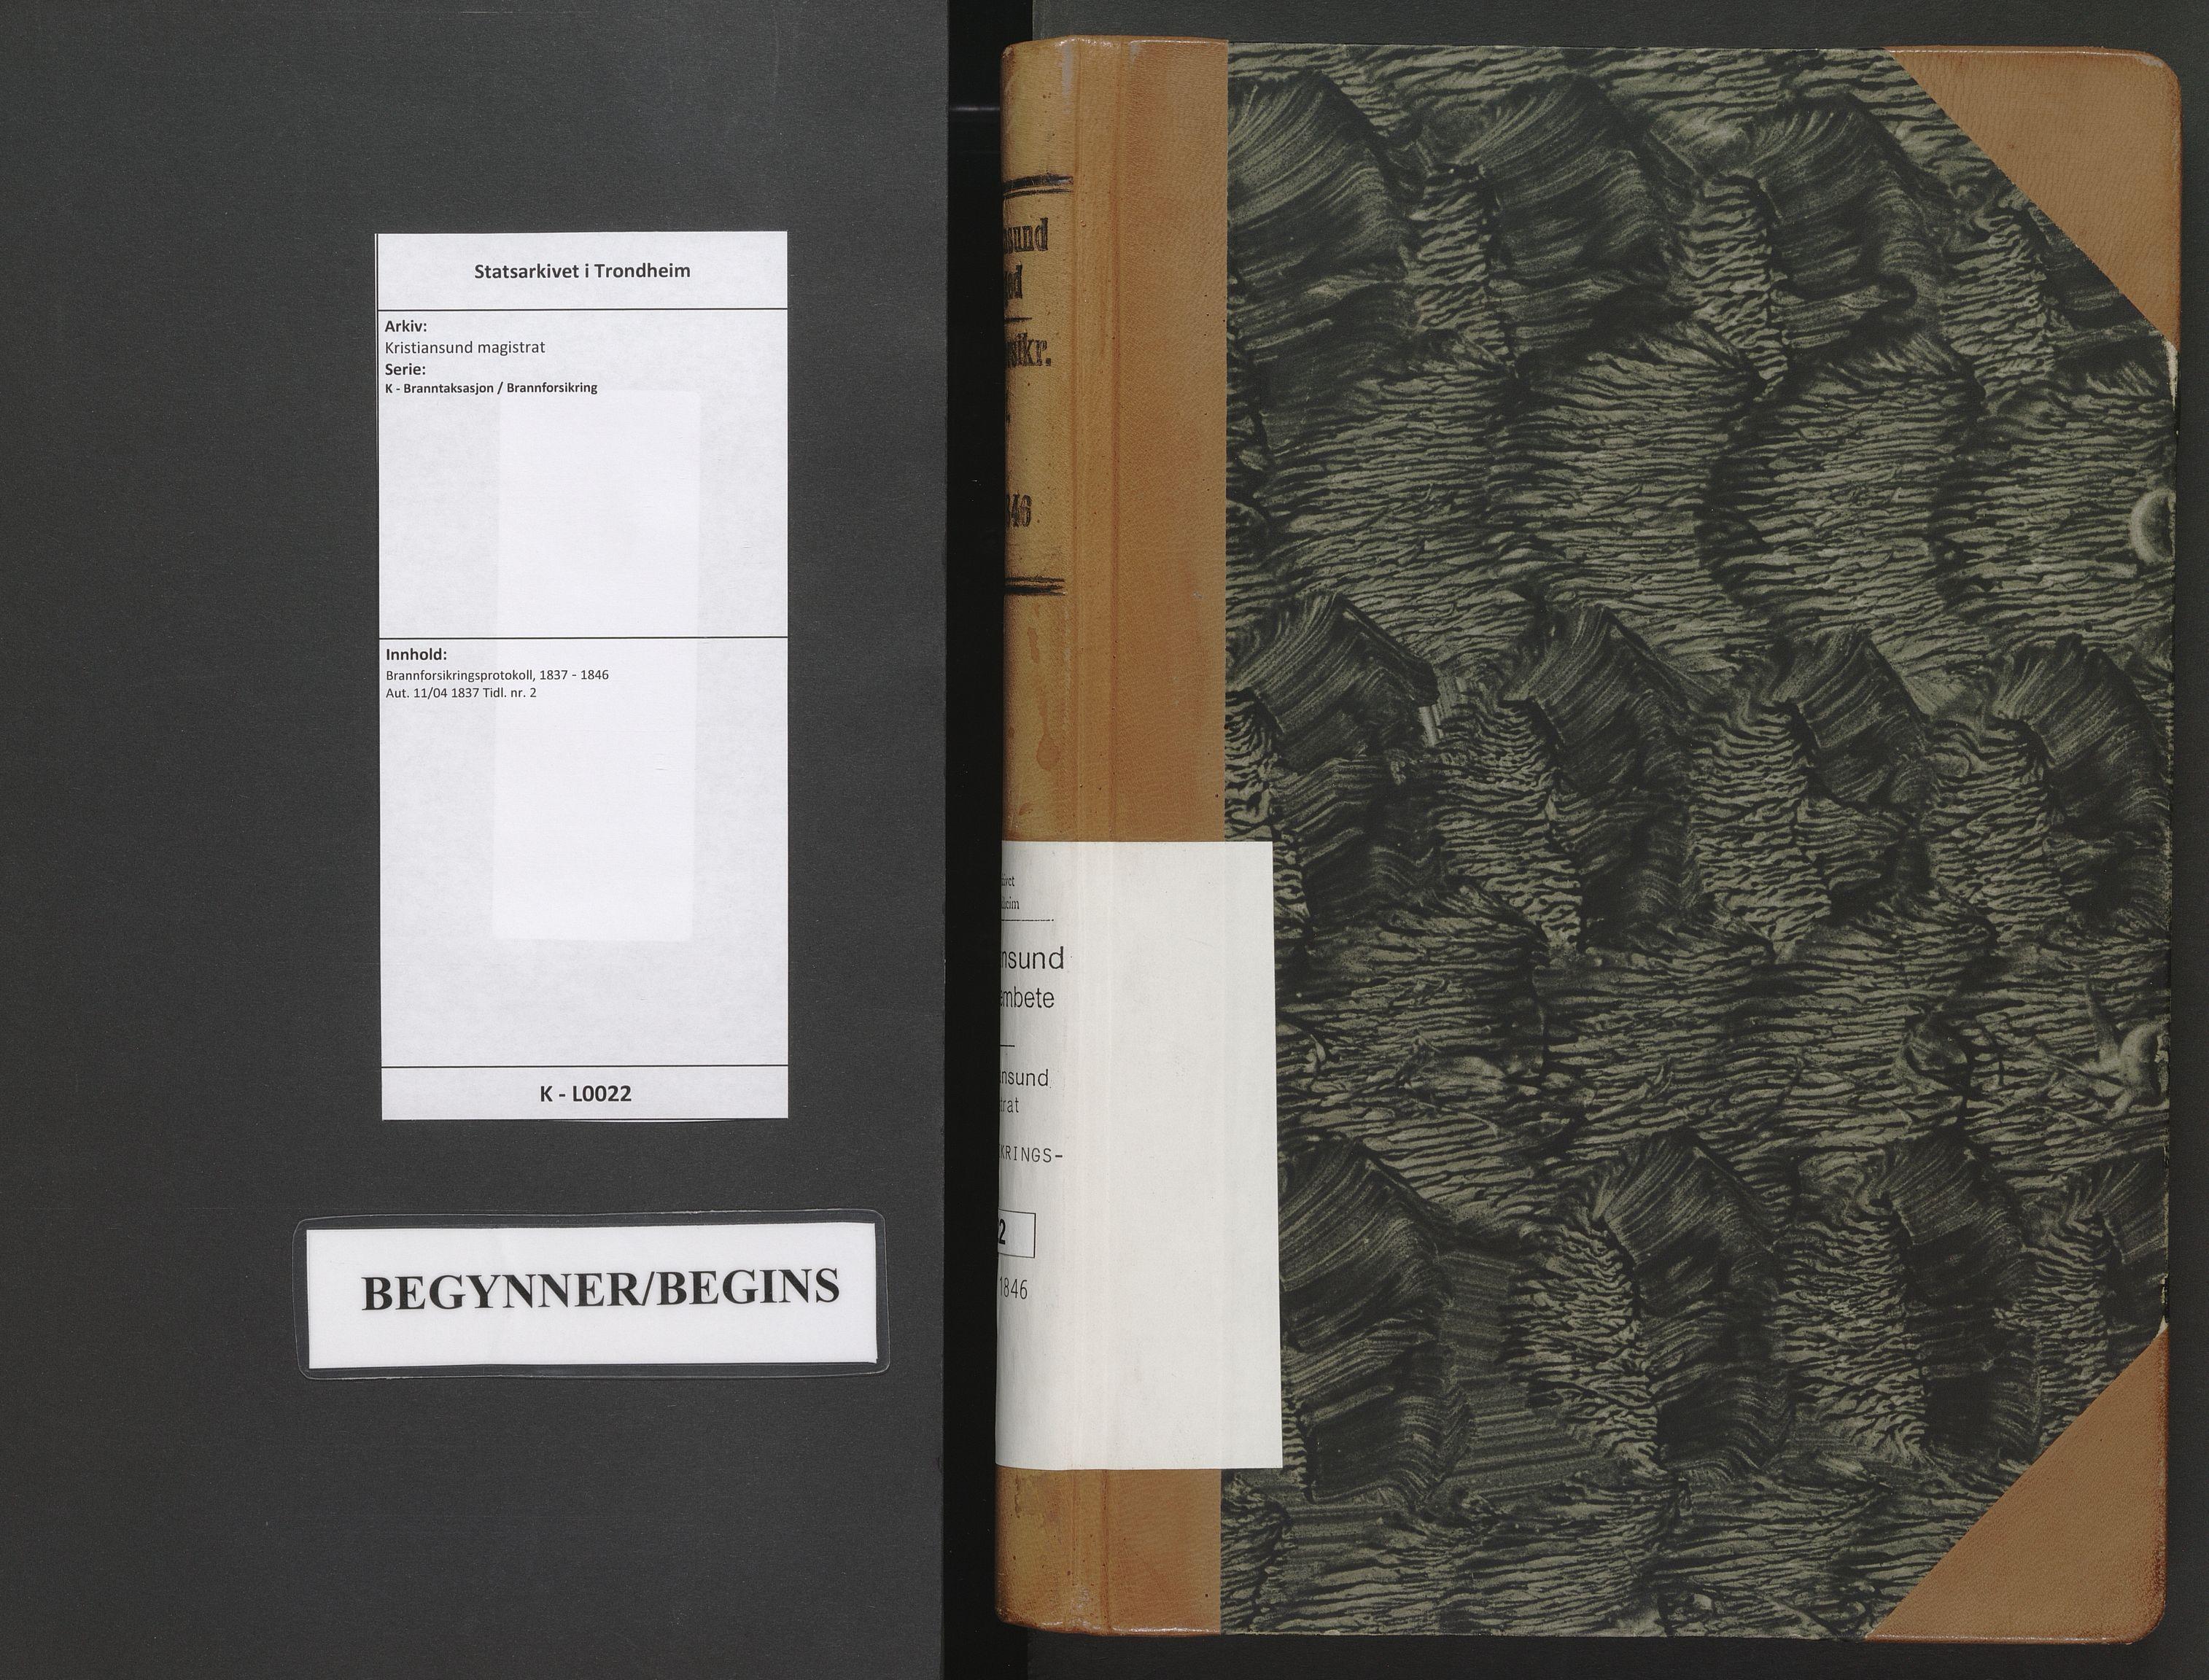 SAT, Kristiansund magistrat, K/L0022: Brannforsikringsprotokoll, 1837-1846